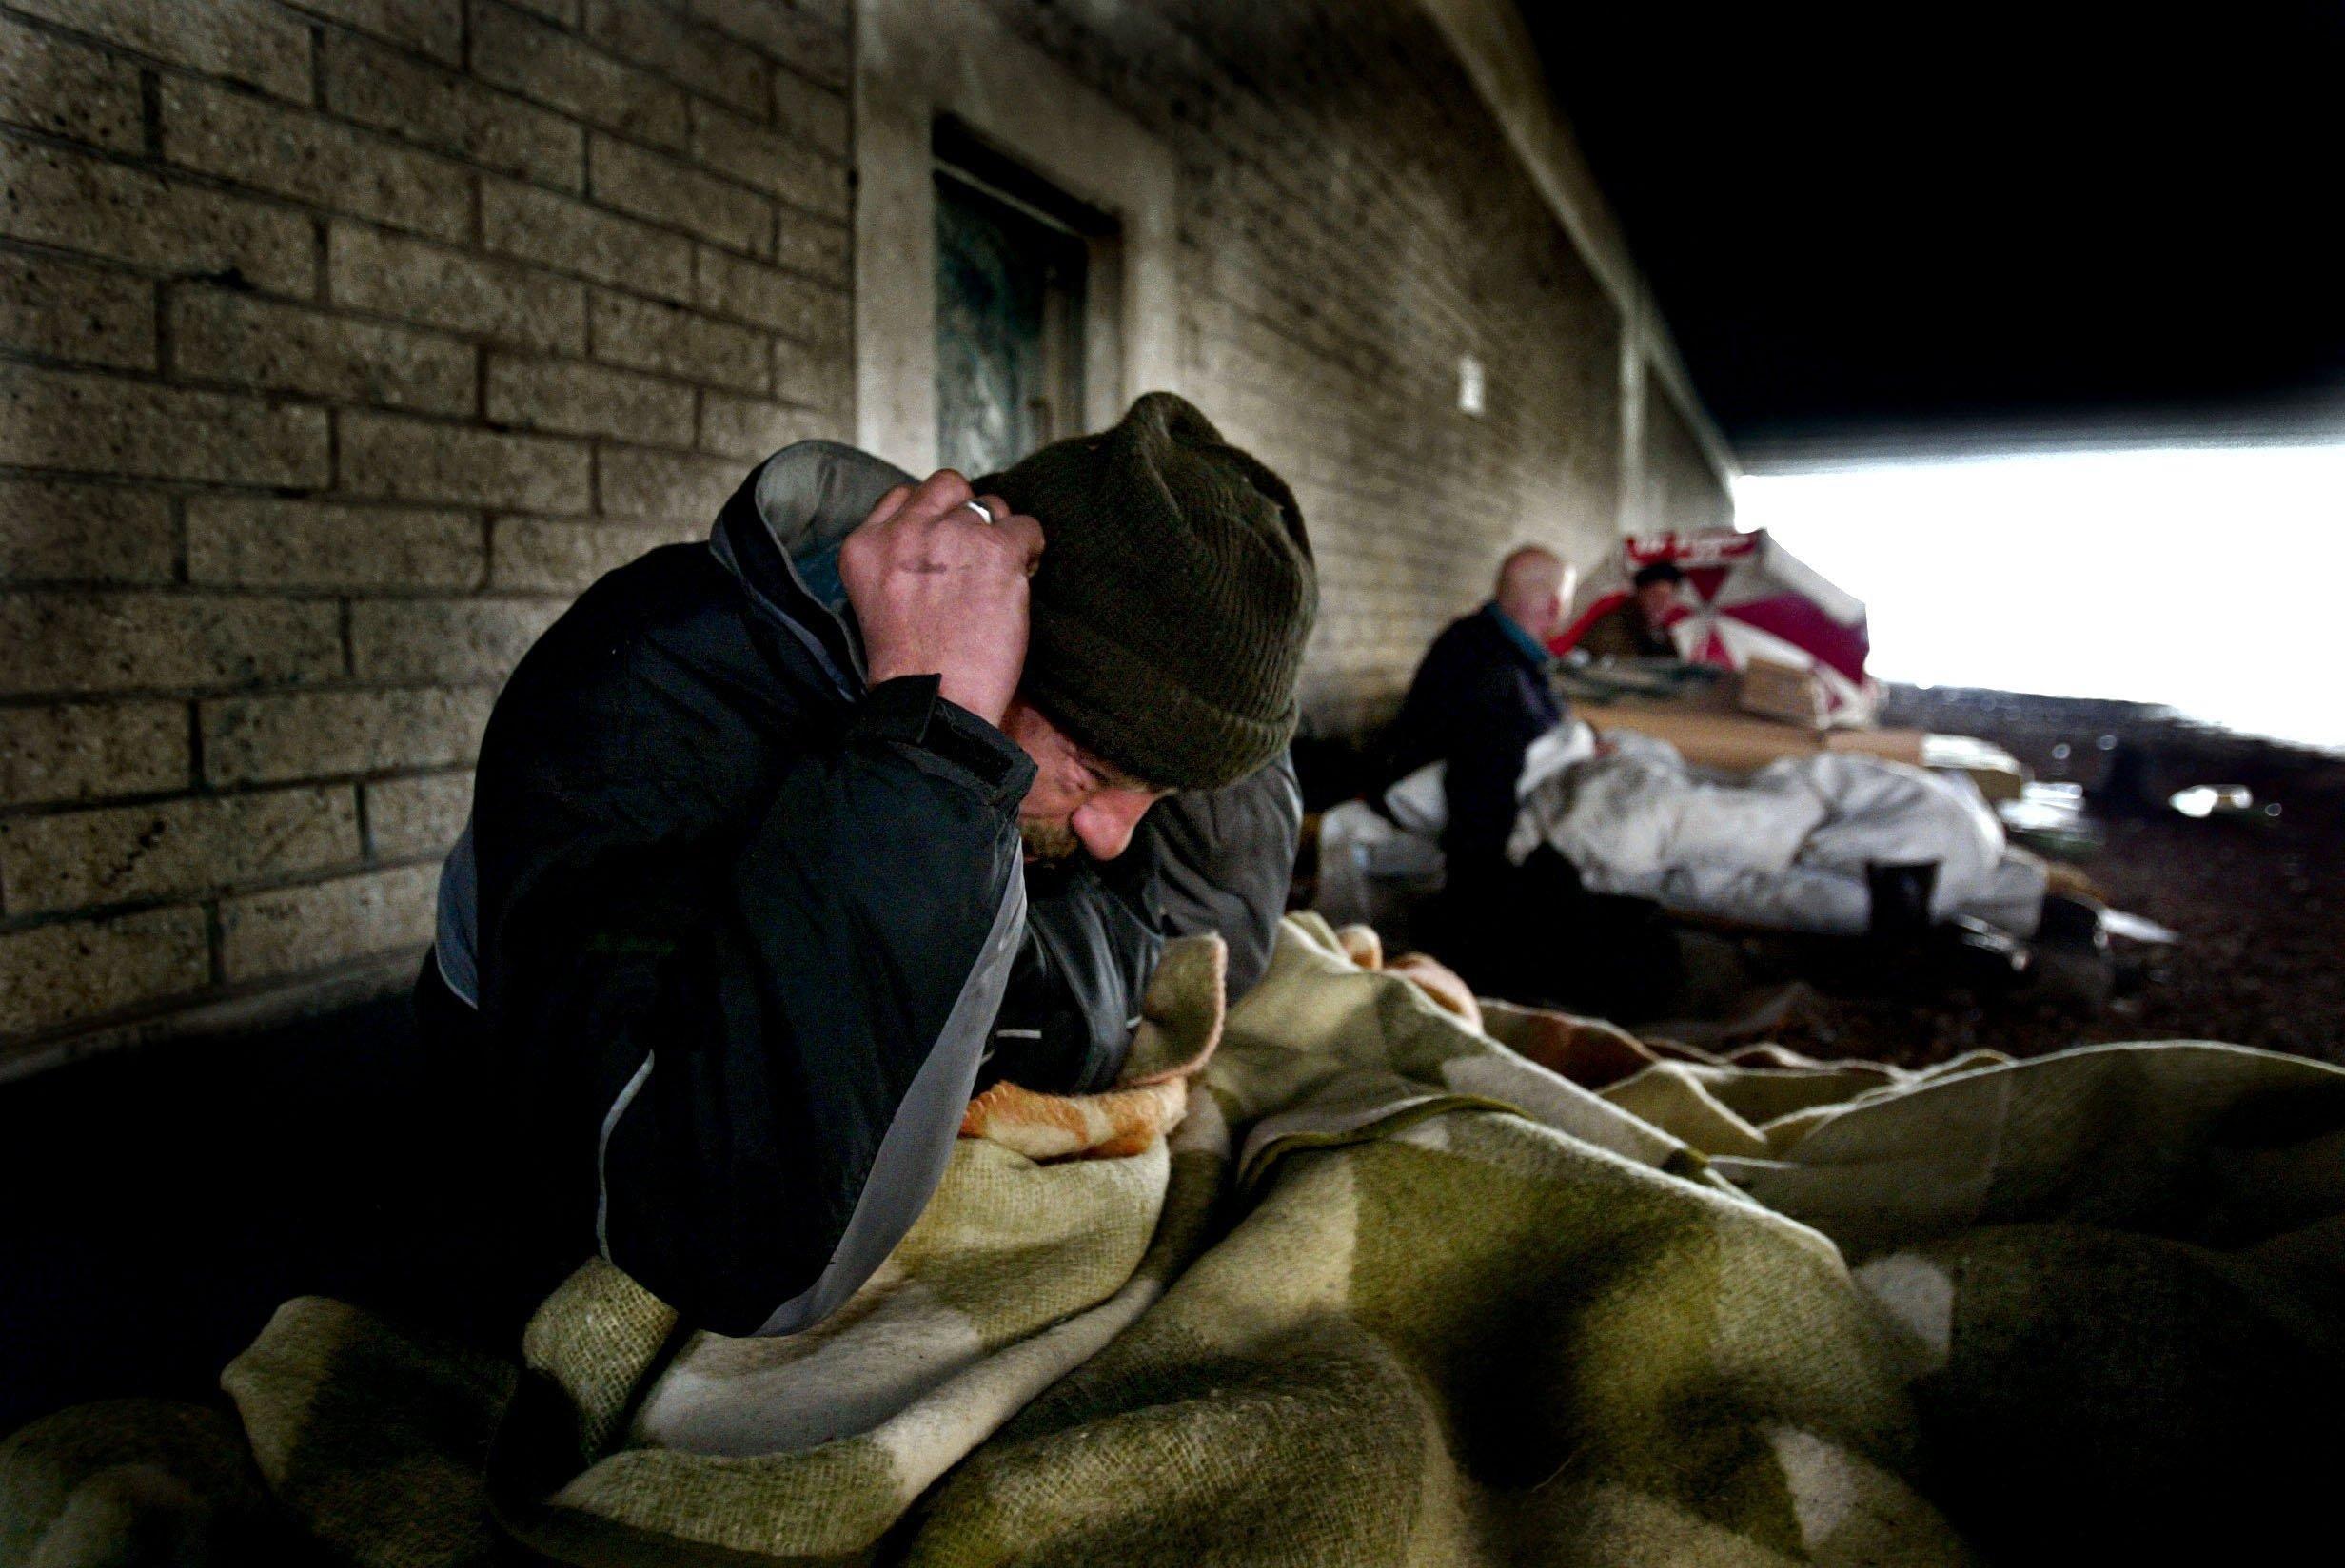 Corona krijgt op geen enkele manier vat op Haarlemse daklozen